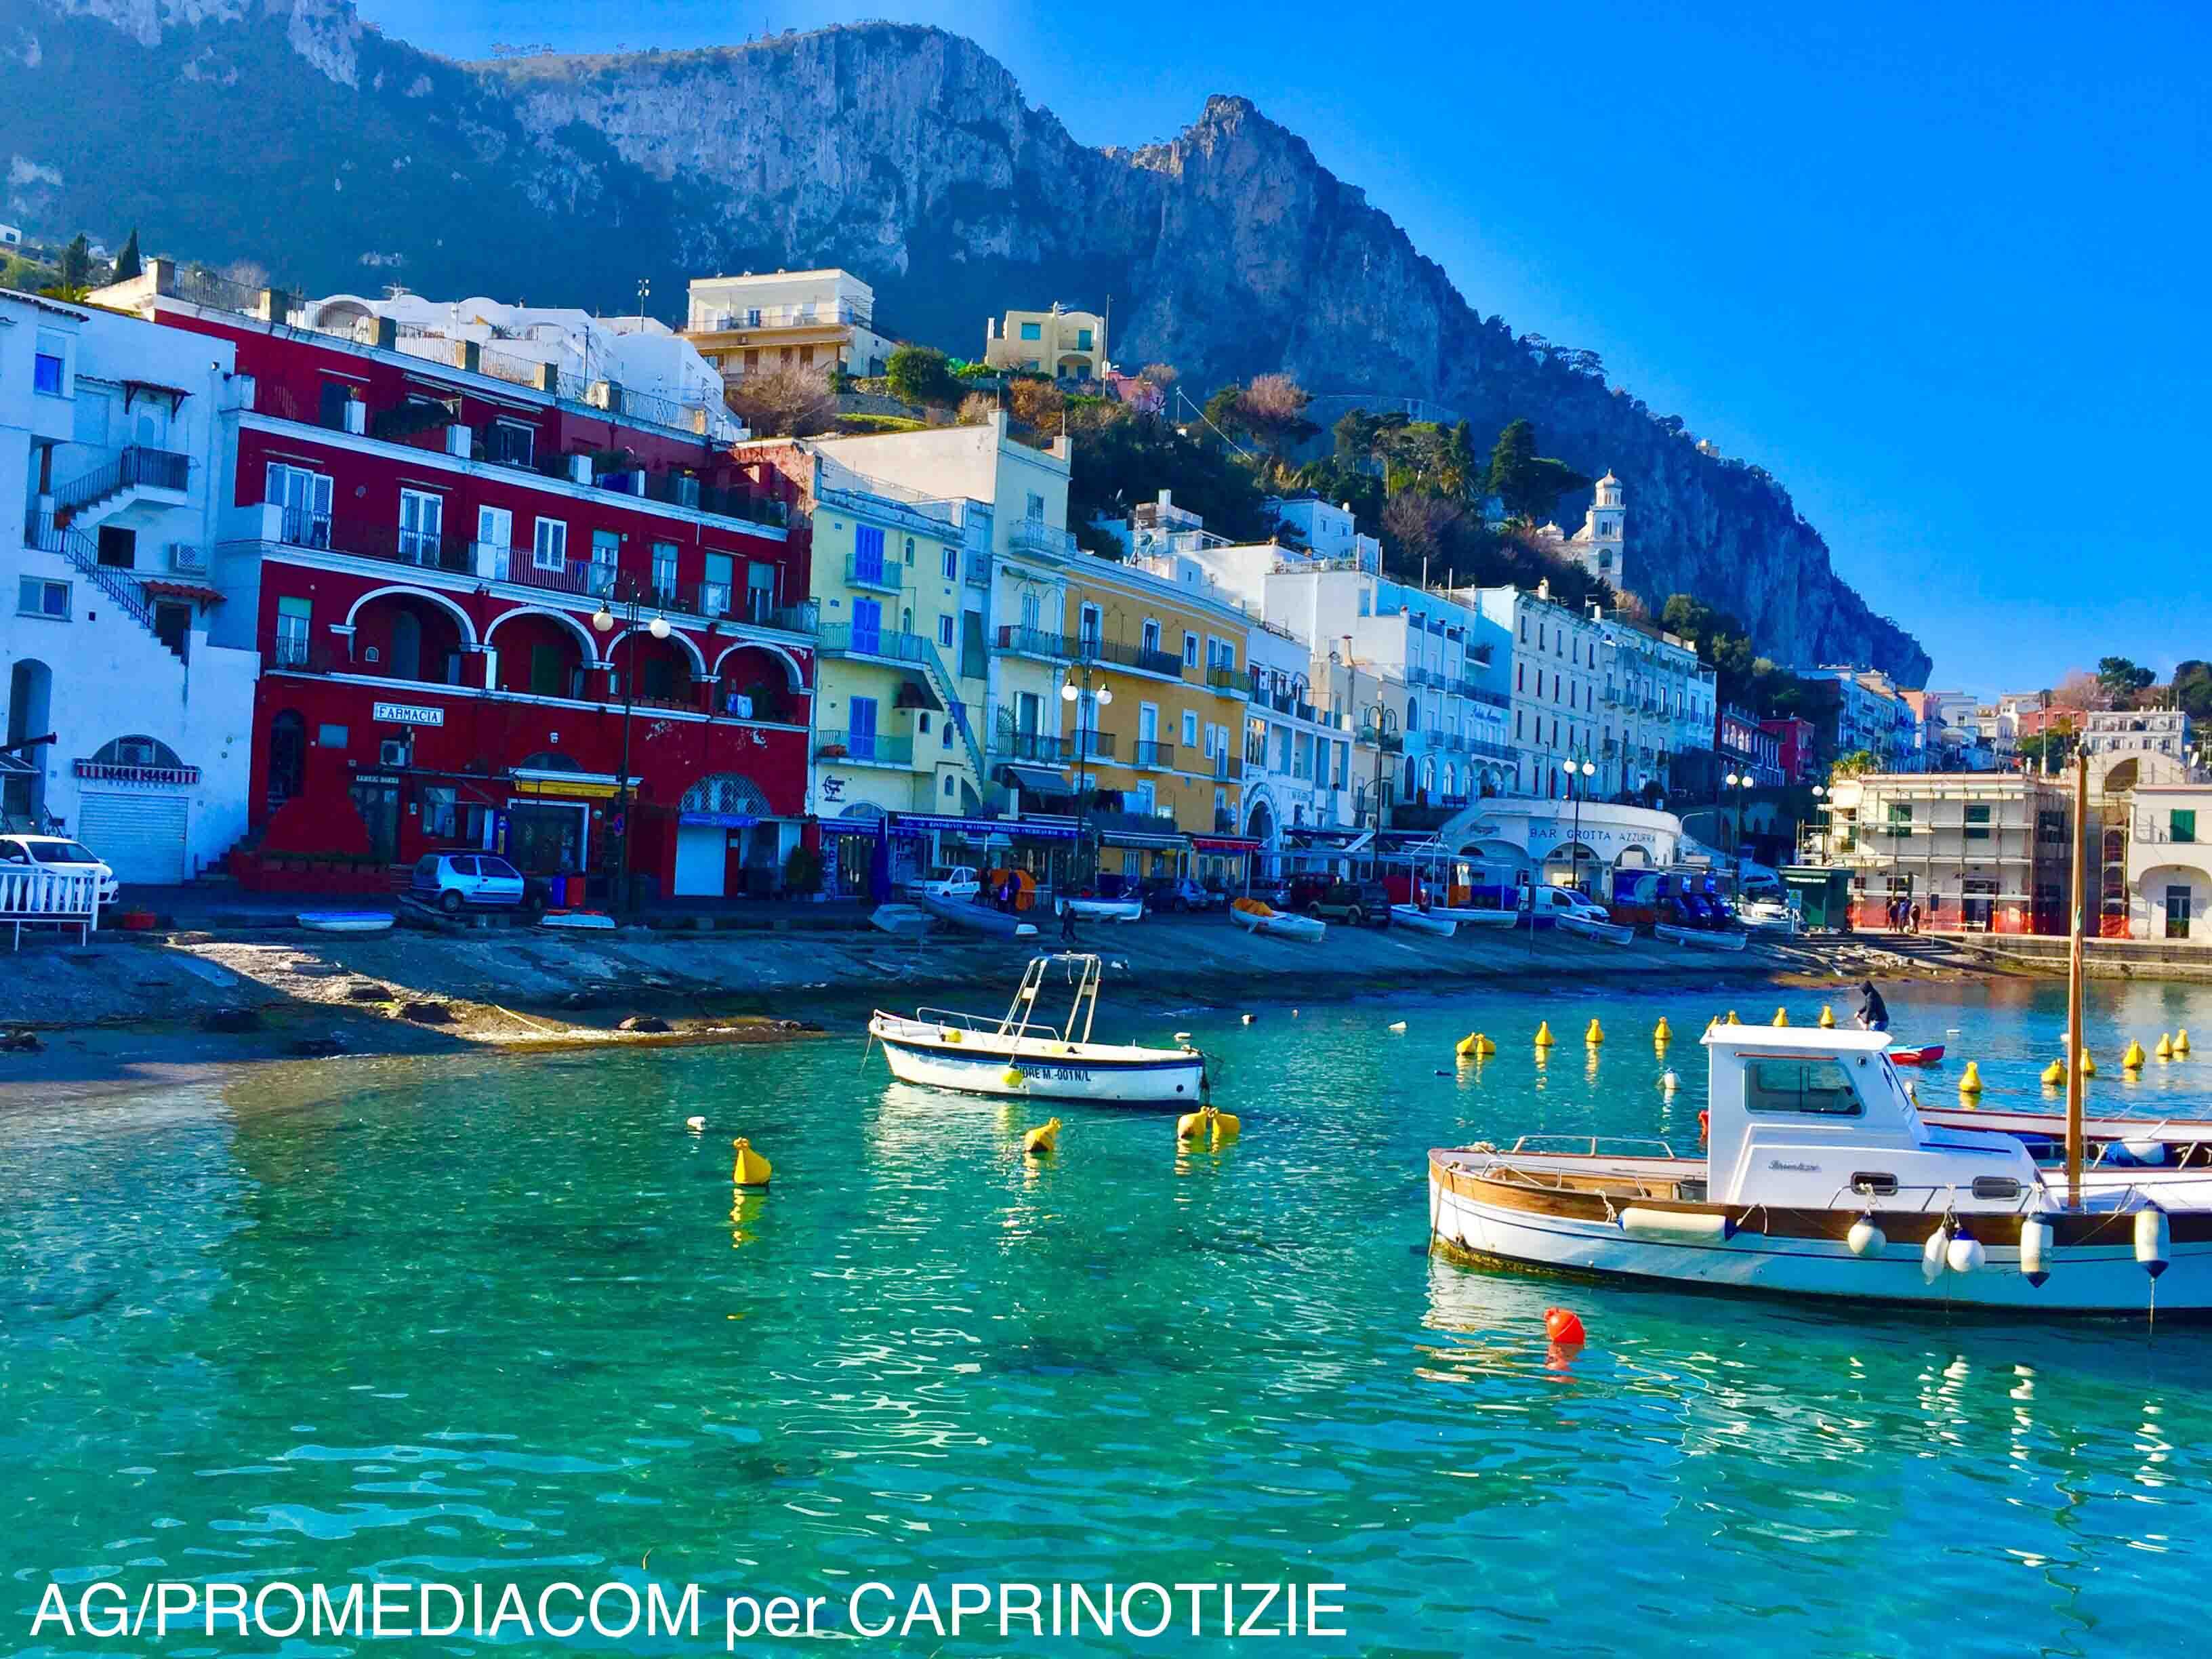 Capri. Stipulato importante accordo per i contratti di locazione a canone concordato con notevoli benefici per i cittadini capresi